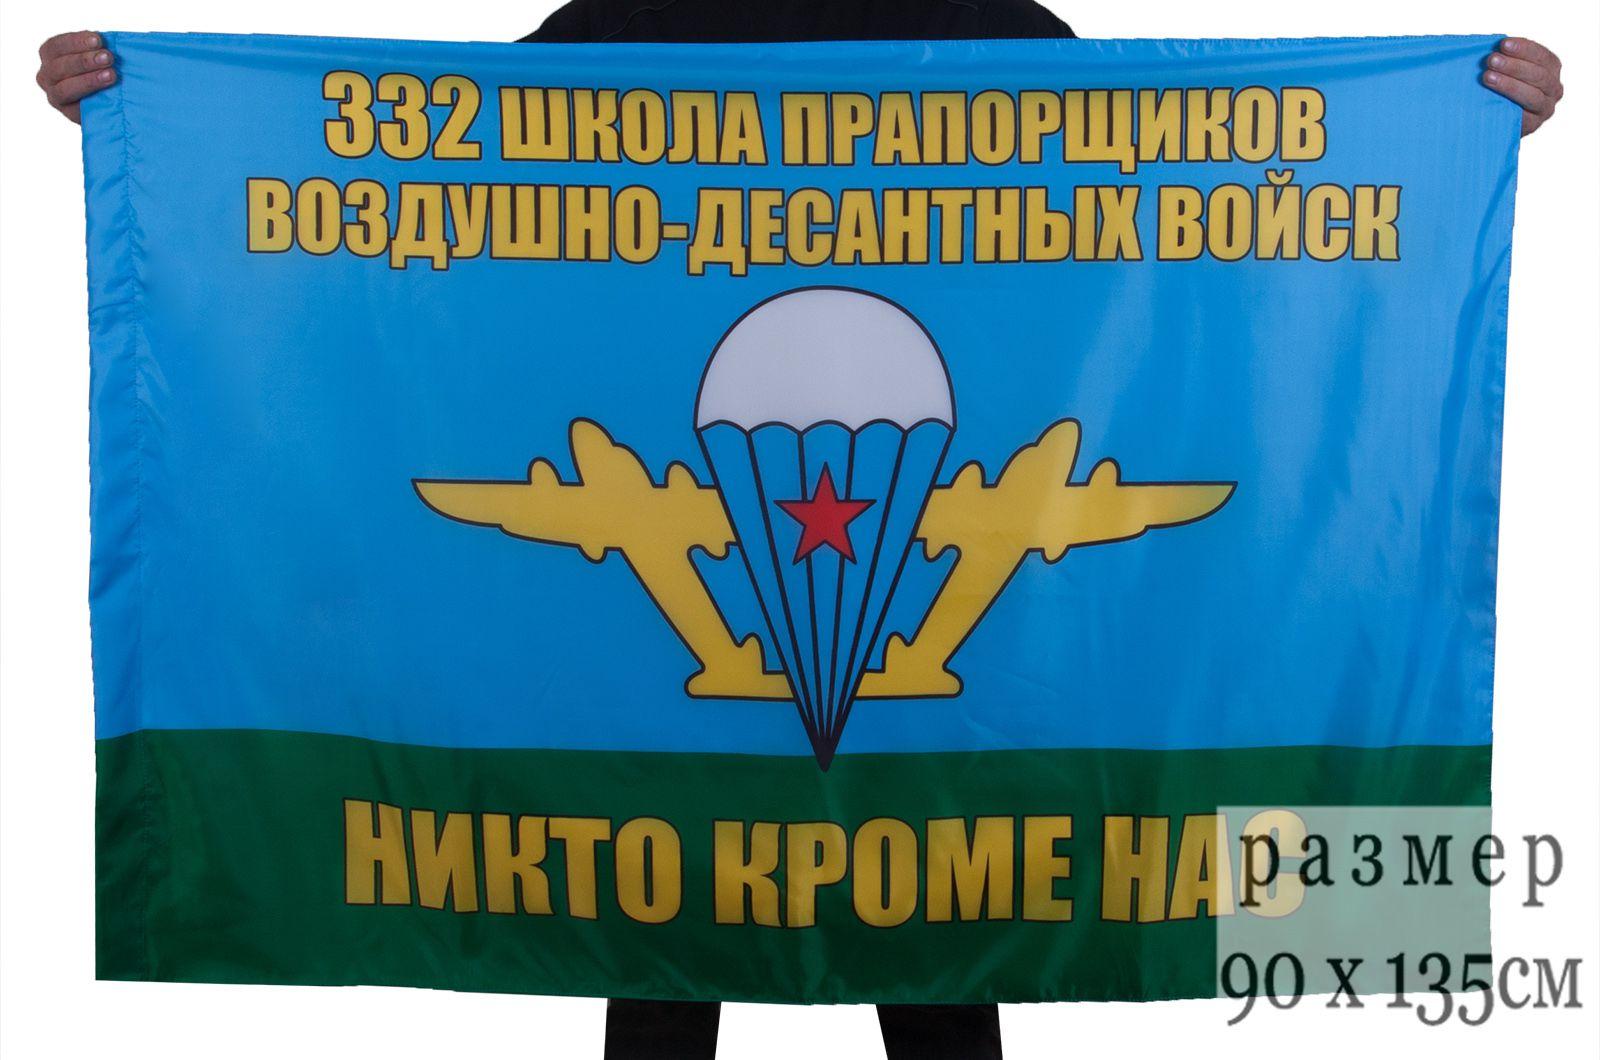 Флаг «332 школа прапорщиков ВДВ»